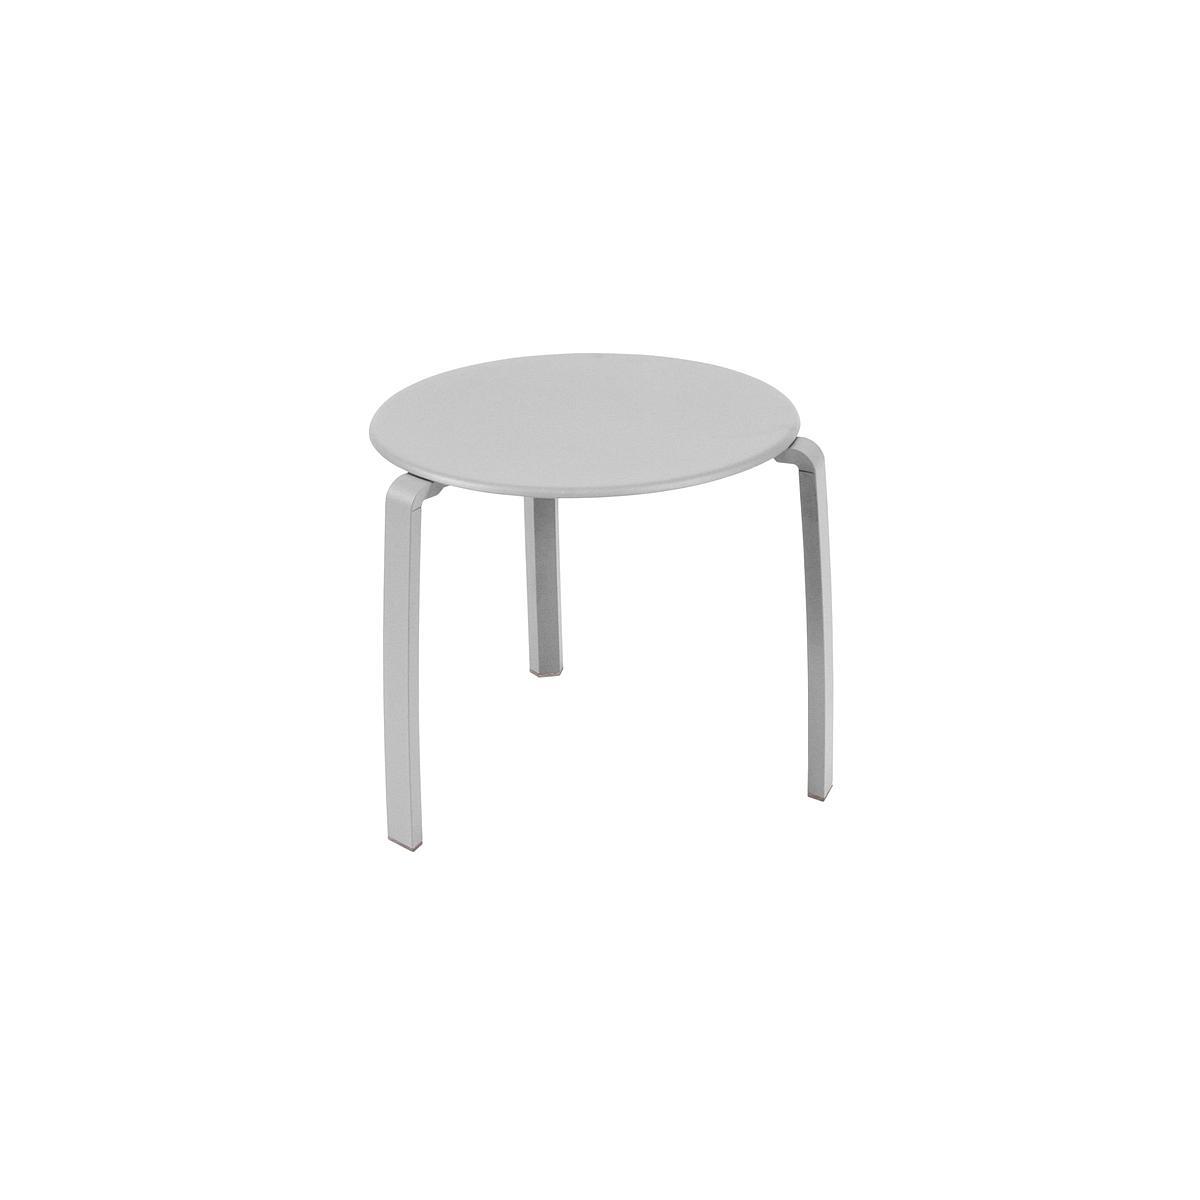 ALIZE by Fermob Table basse Gris métal